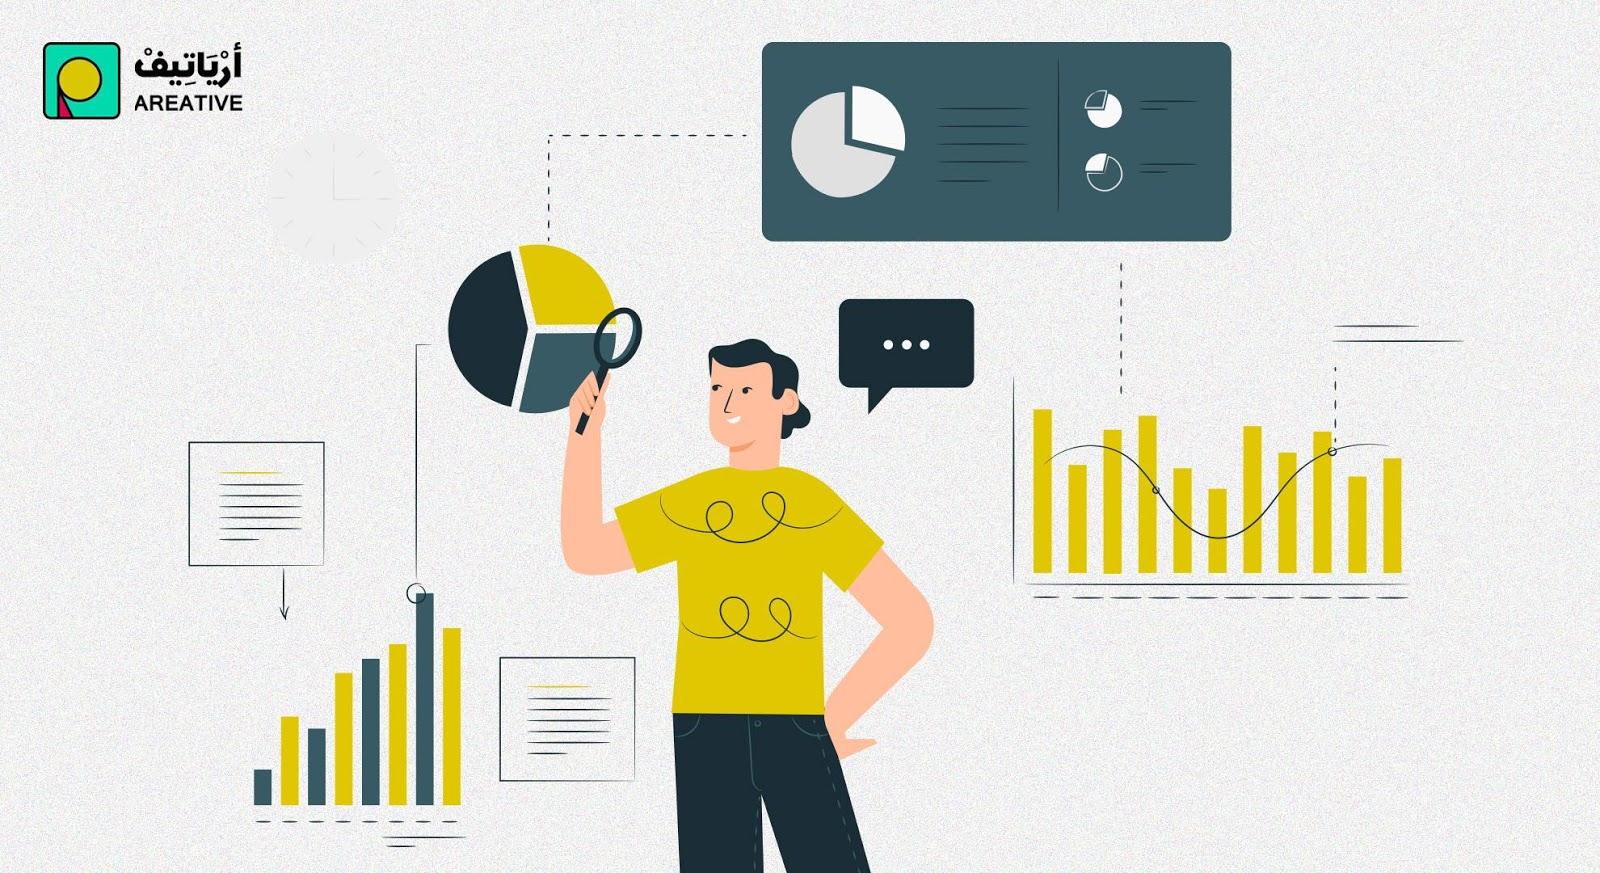 ما هو التسويق الإلكتروني ؟ وما هي أهم الاستراتيجيات المستخدمة فيه ؟